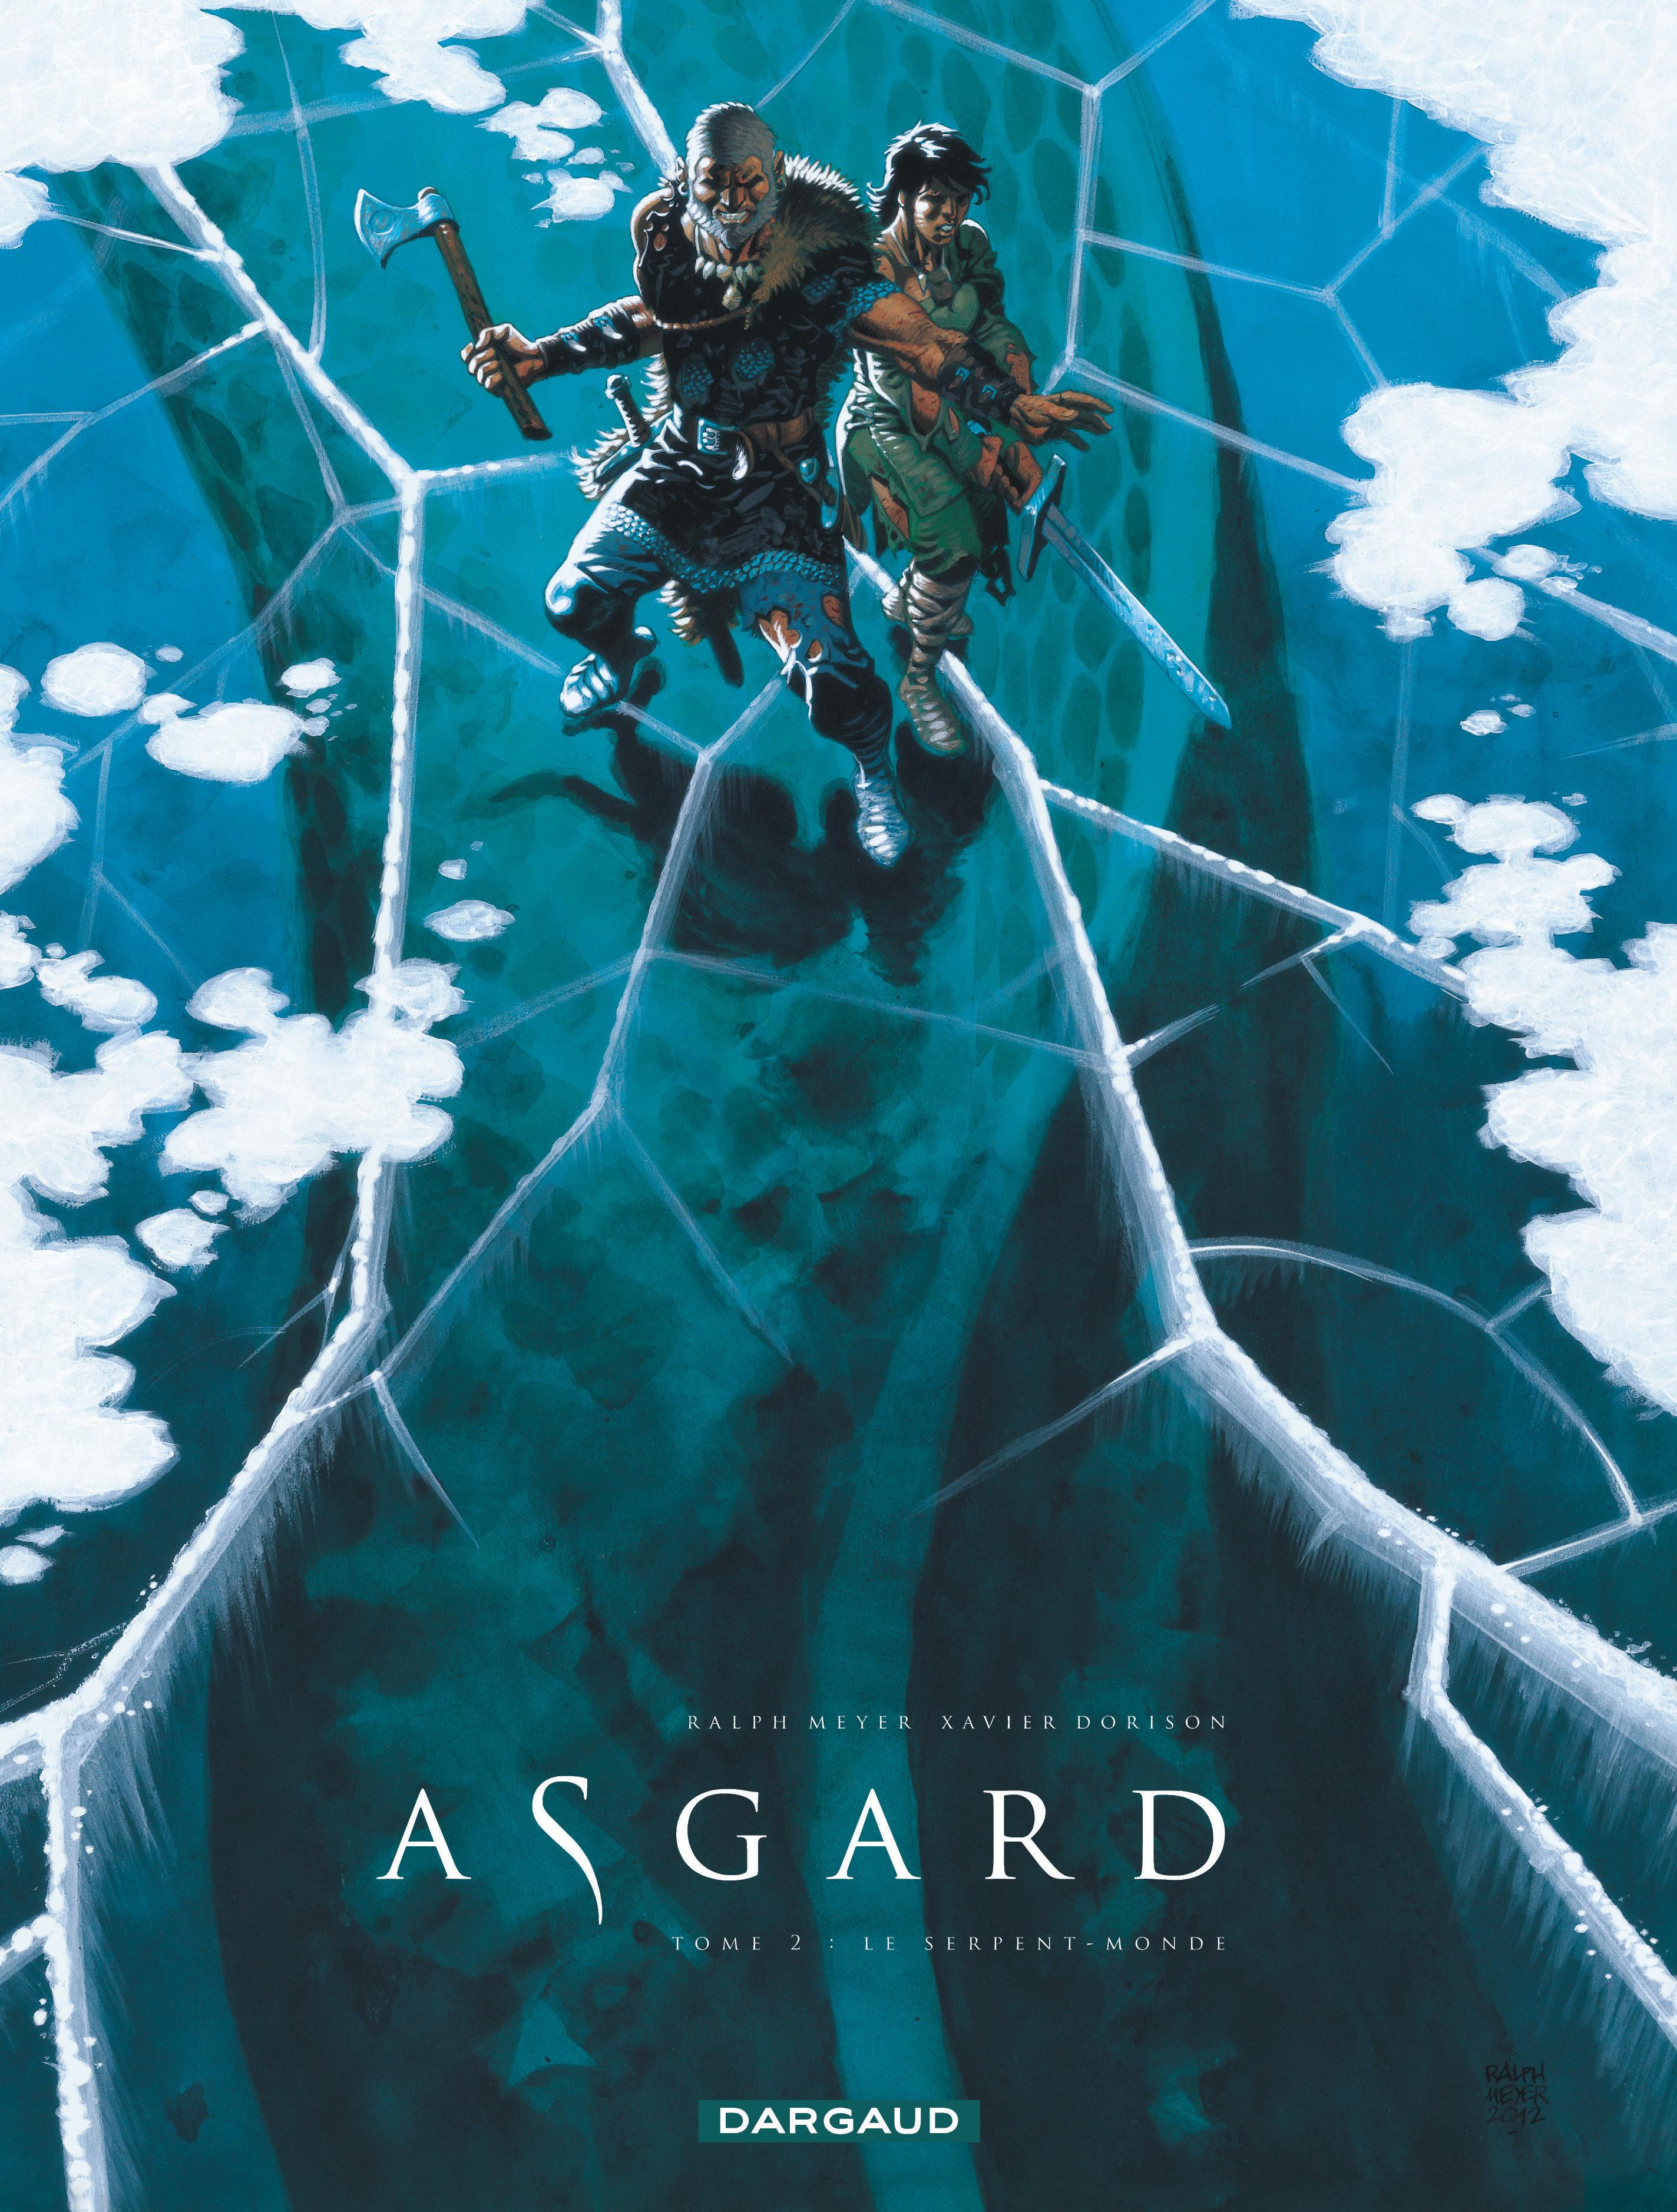 ASGARD PIED DE FER - ASGARD - TOME 2 - LE SERPENT-MONDE